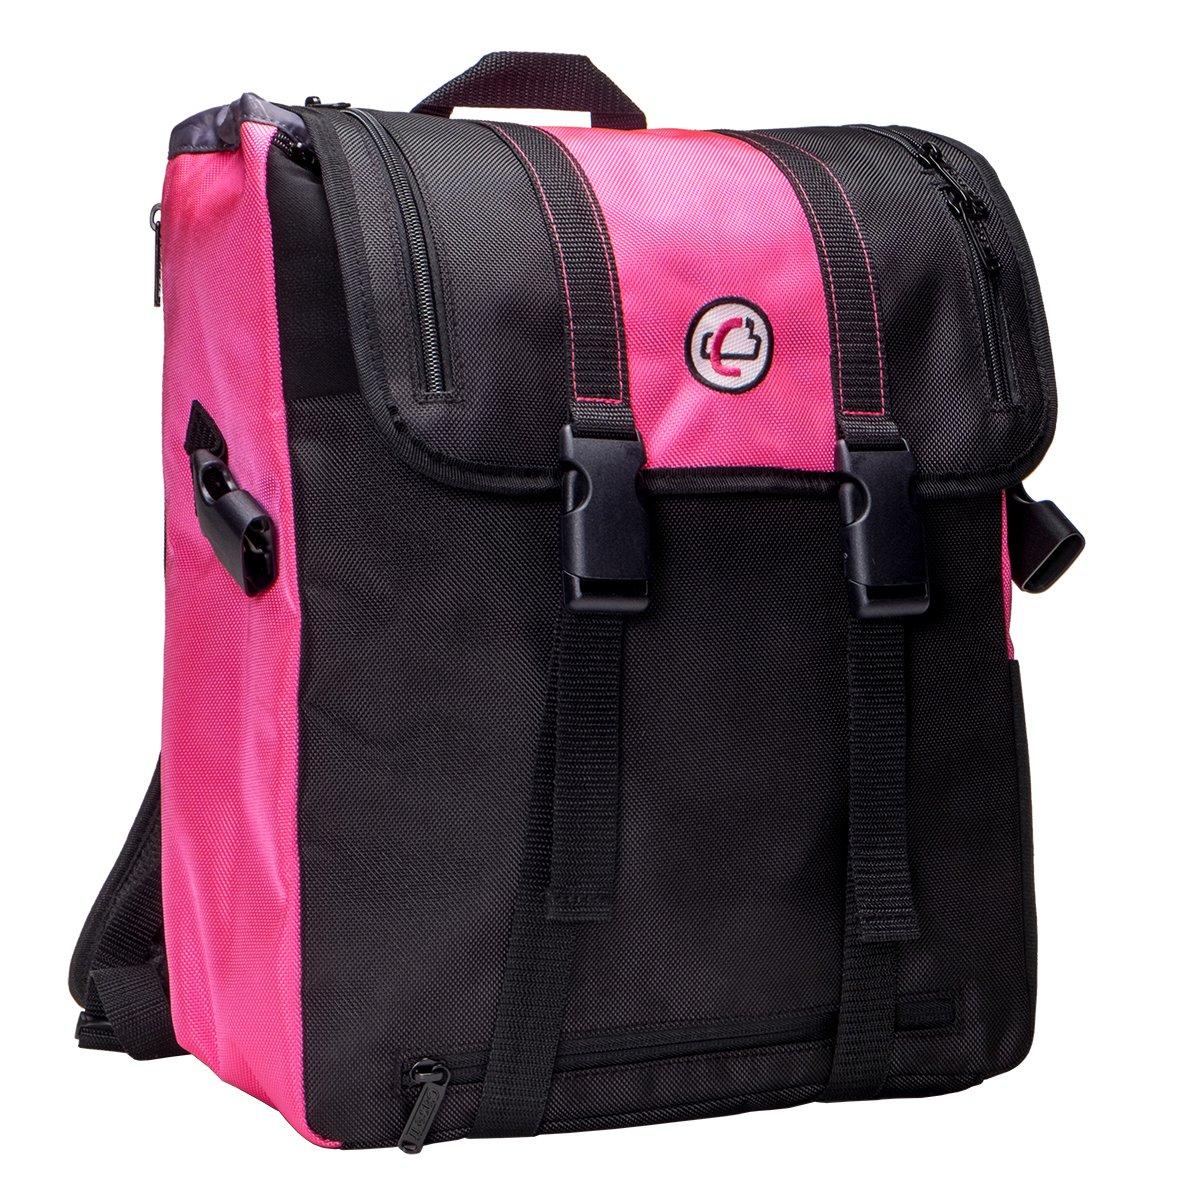 Case-it Case-It BKP-102 Laptop Backpack with Hide-Away Binder Holder, Fits 13-Inch Laptops, Black Grey BKP-102 BLKG